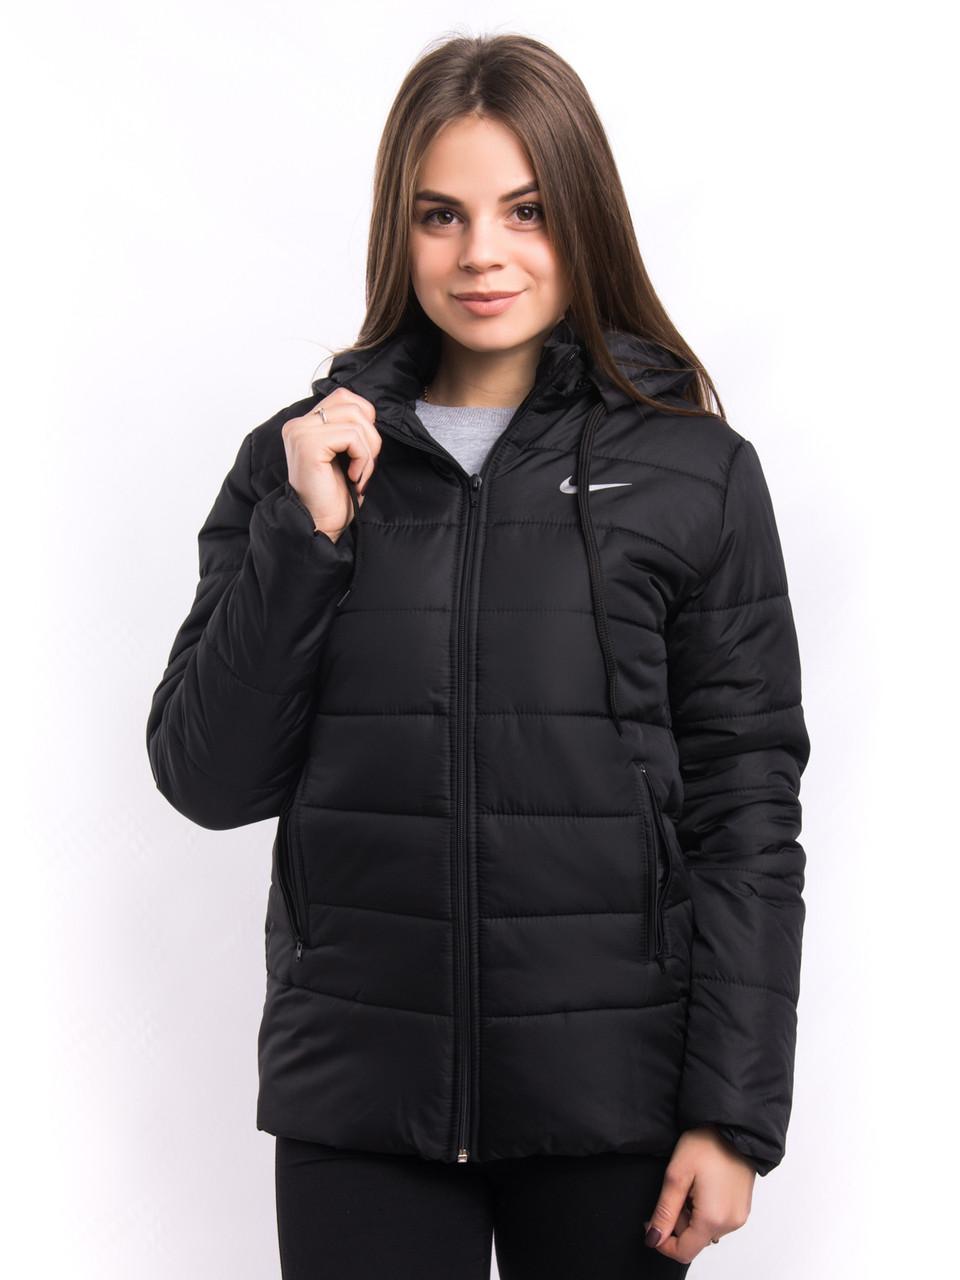 9338aad0e67 Куртка женская черная интернет магазин K1225 оптом и в розницу ...